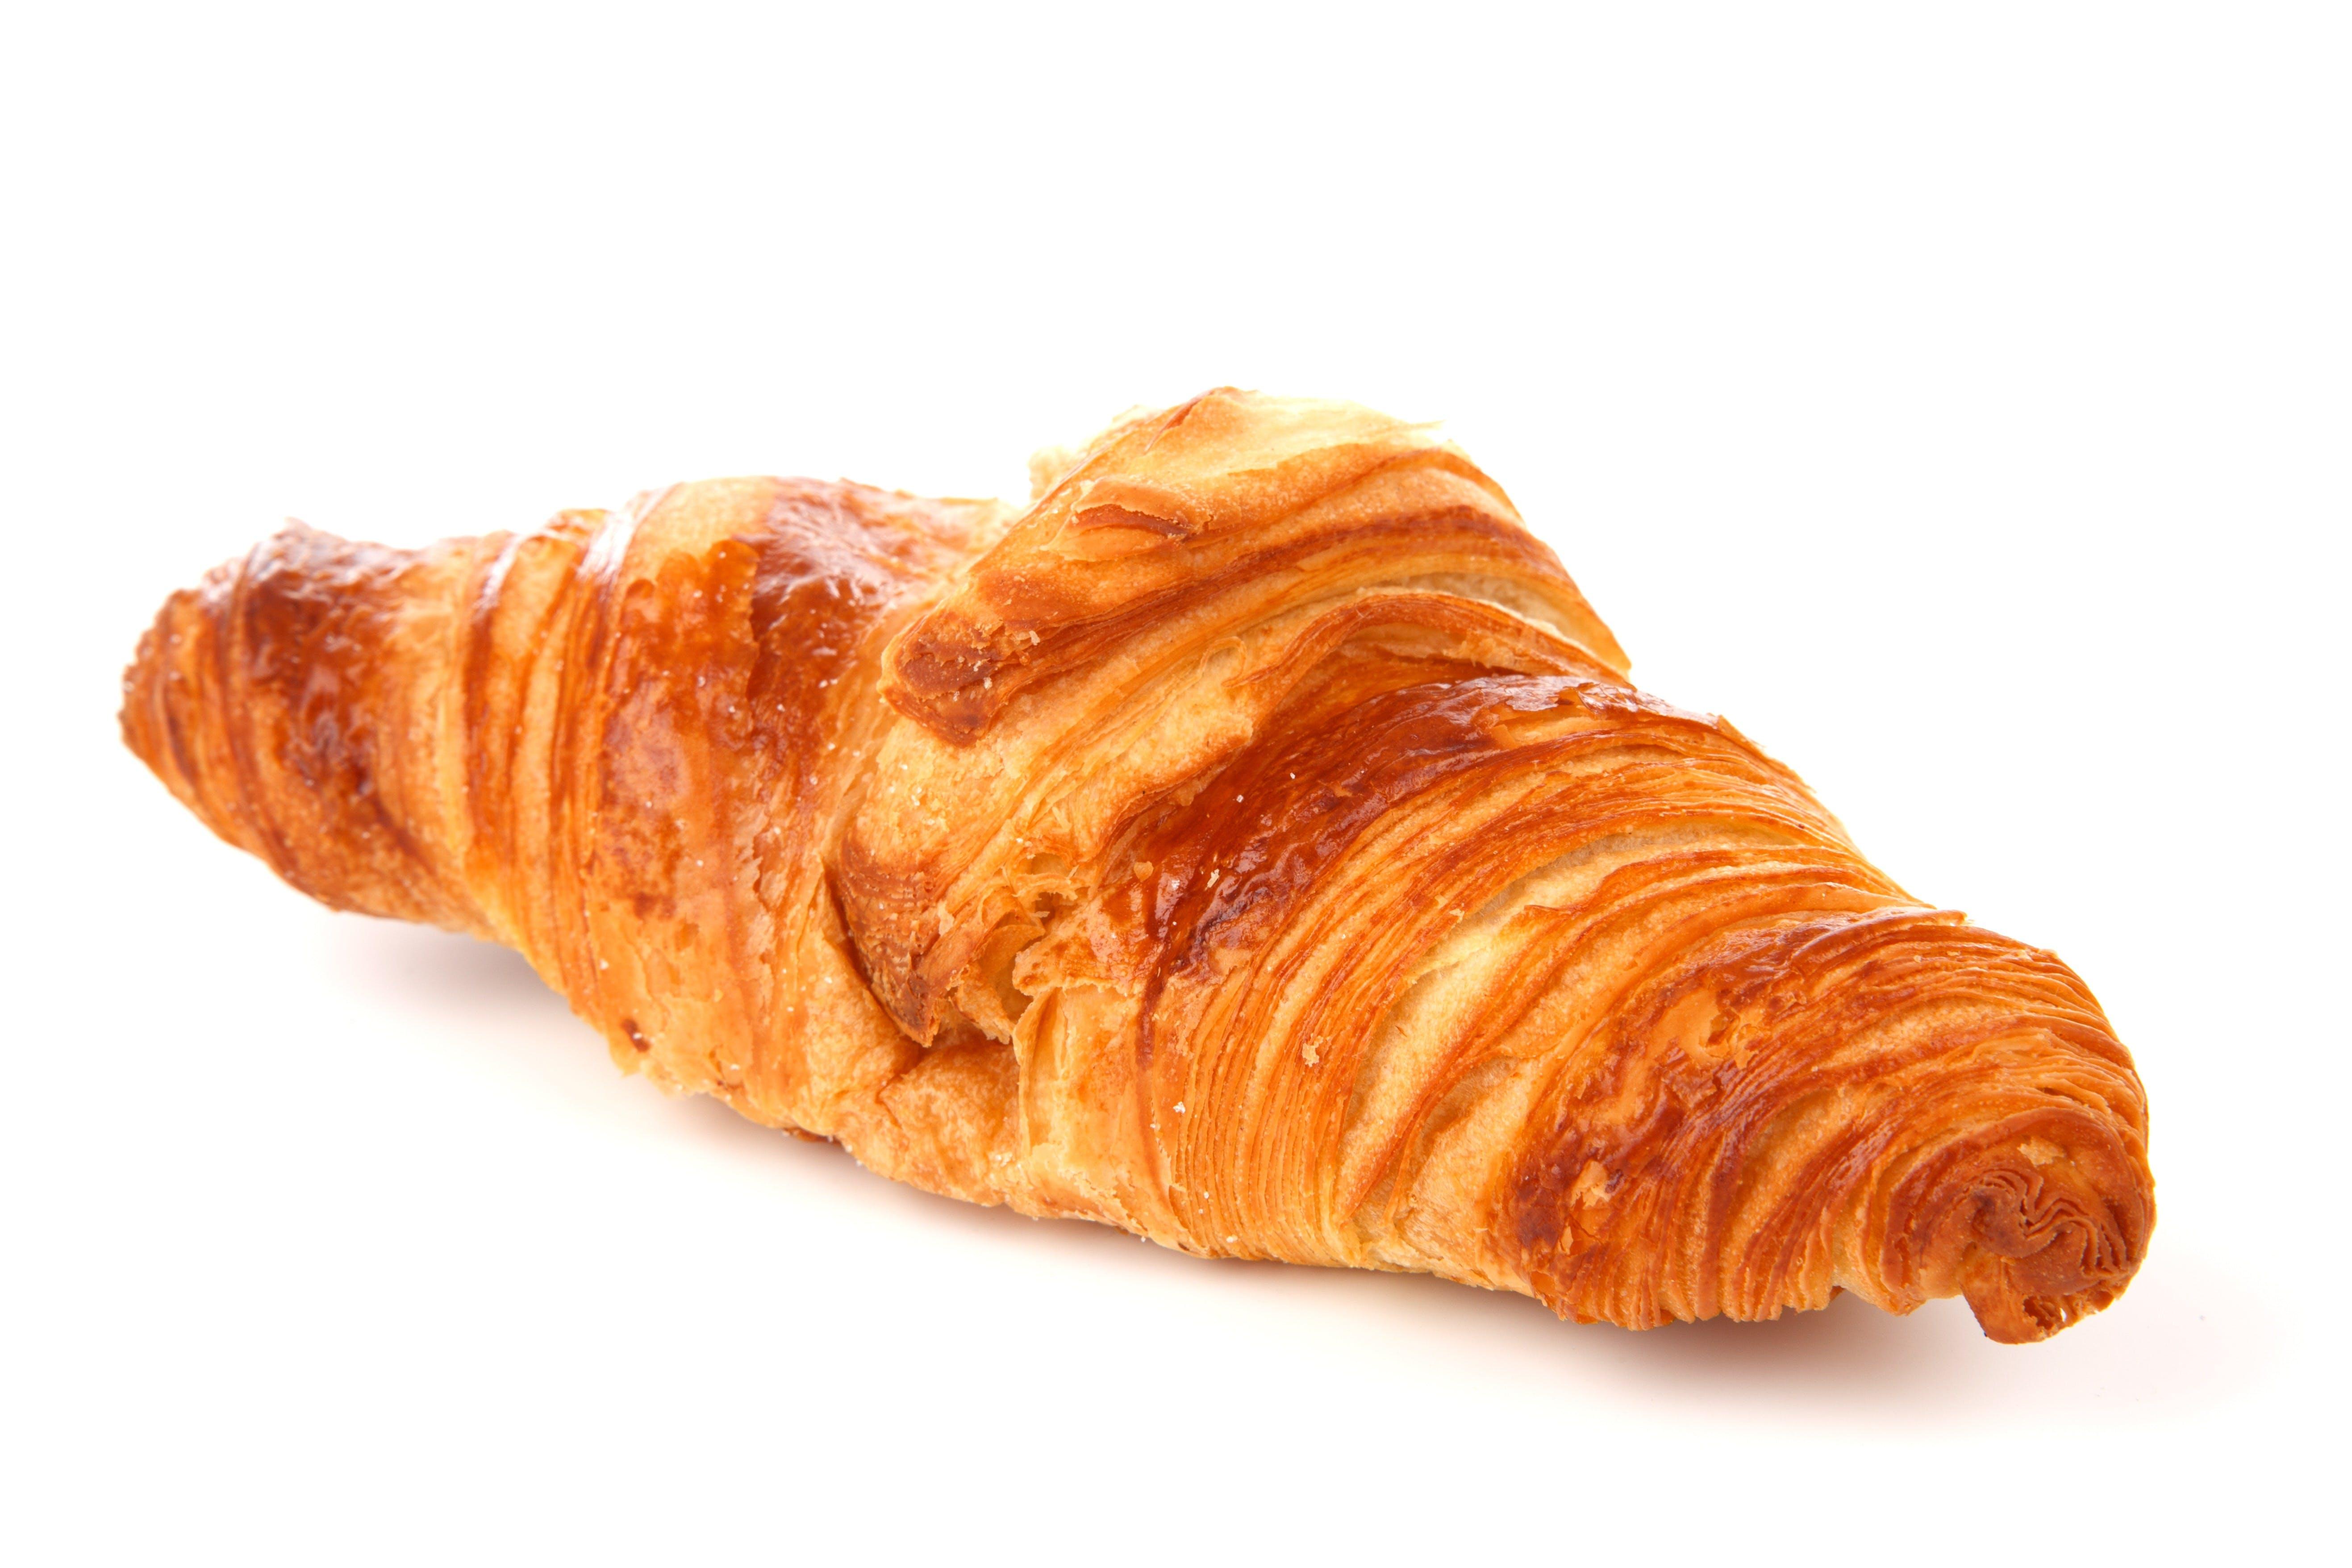 bakery, breakfast, bun